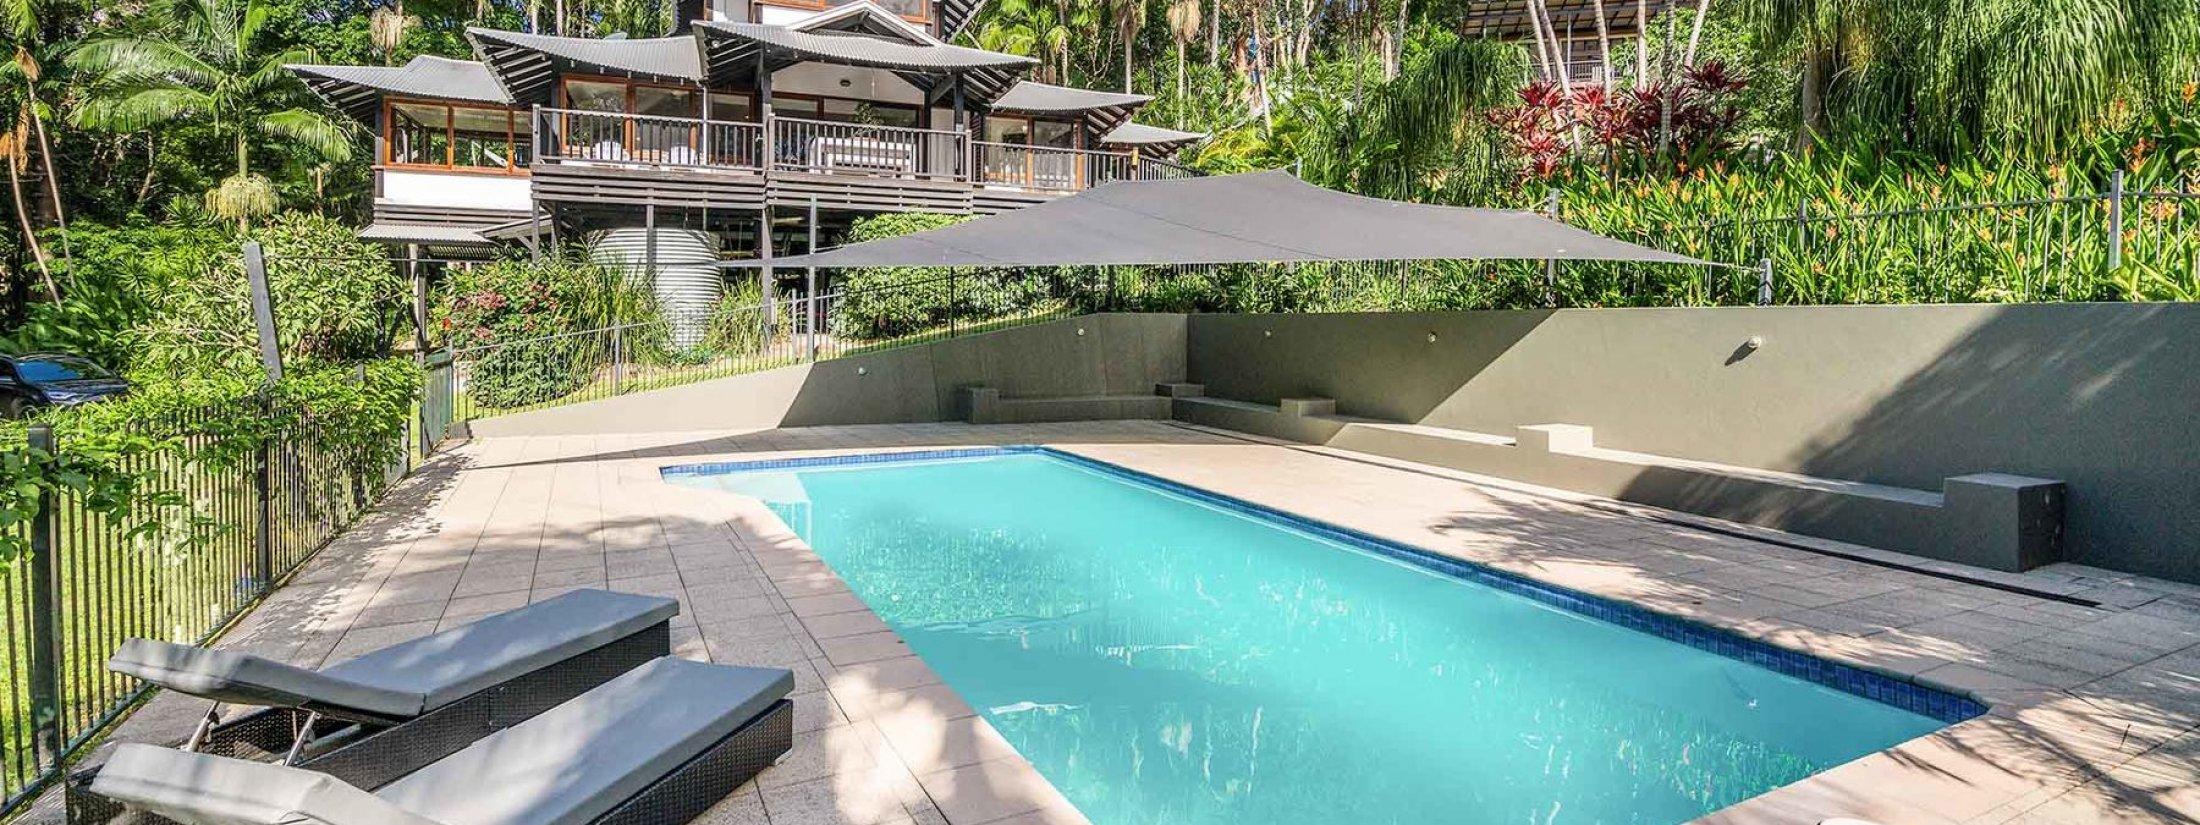 Ourmuli - Byron Bay - House and Pool b